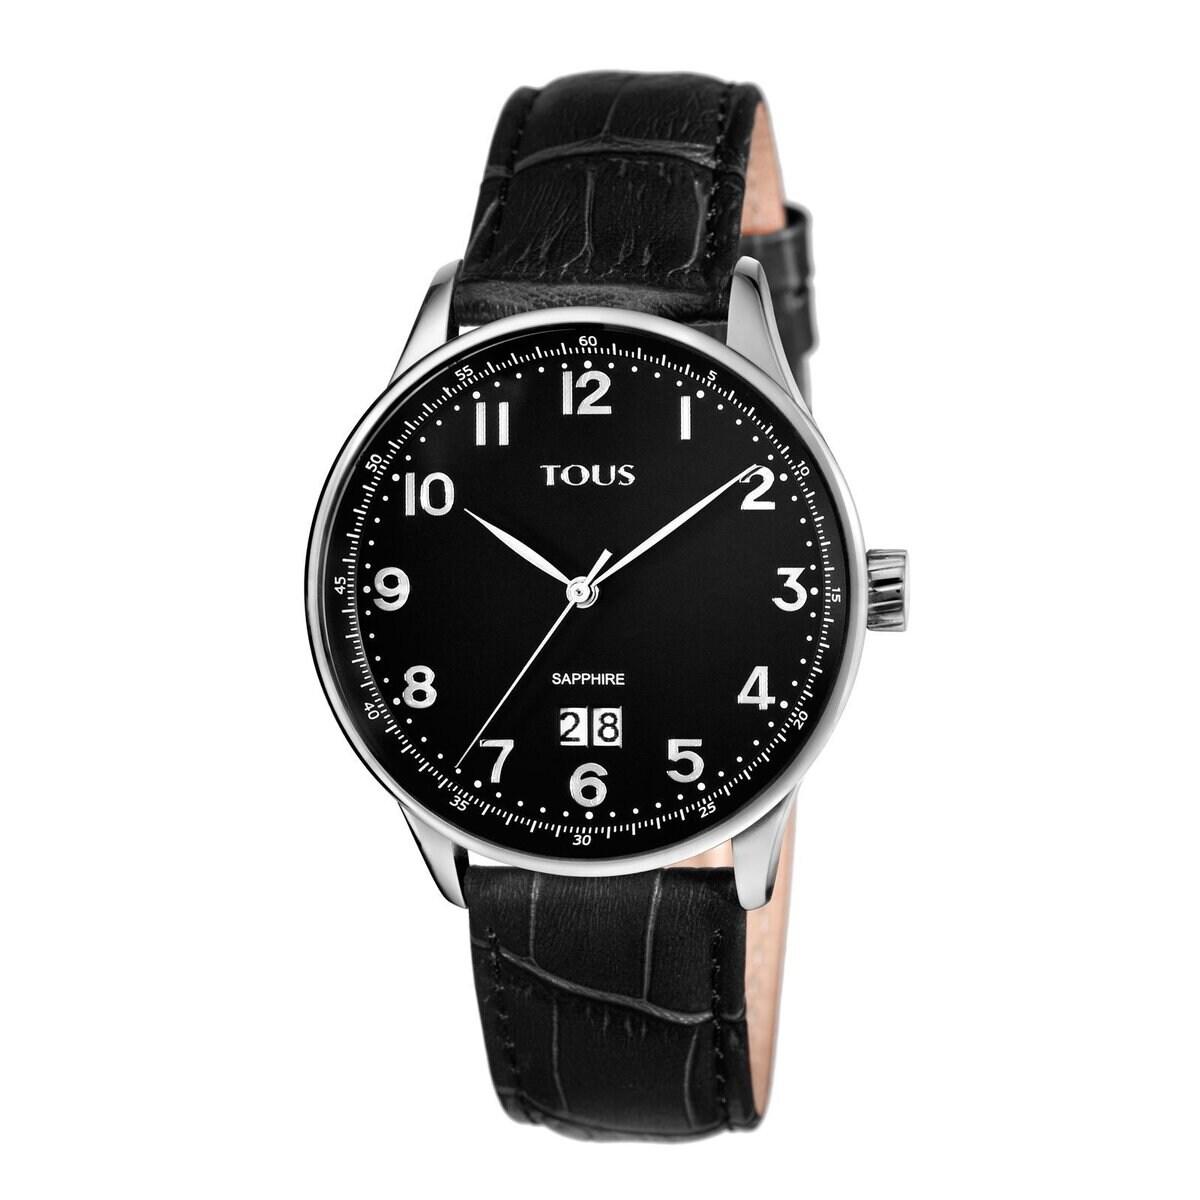 Relógio Porto II em Aço com correia de Pele preta